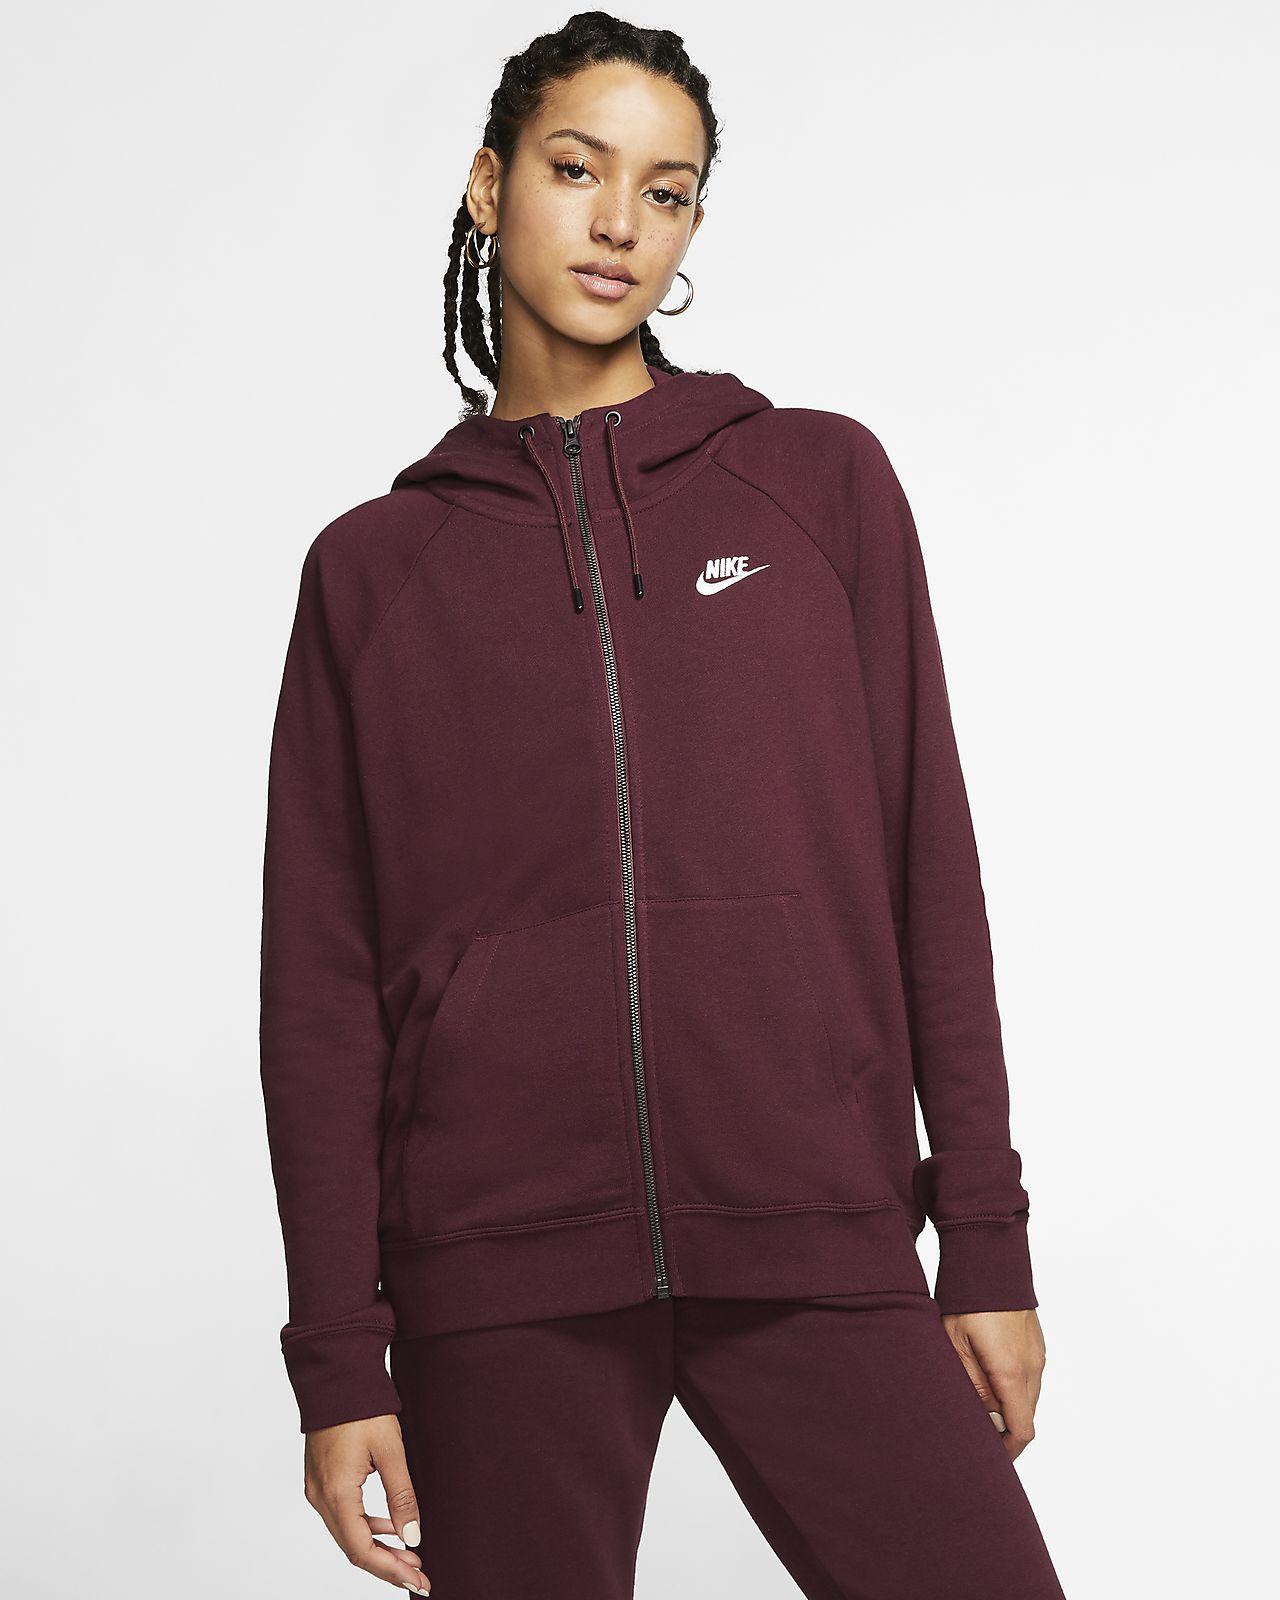 Women's Nike Sportswear Essential Fleece Hoodie |